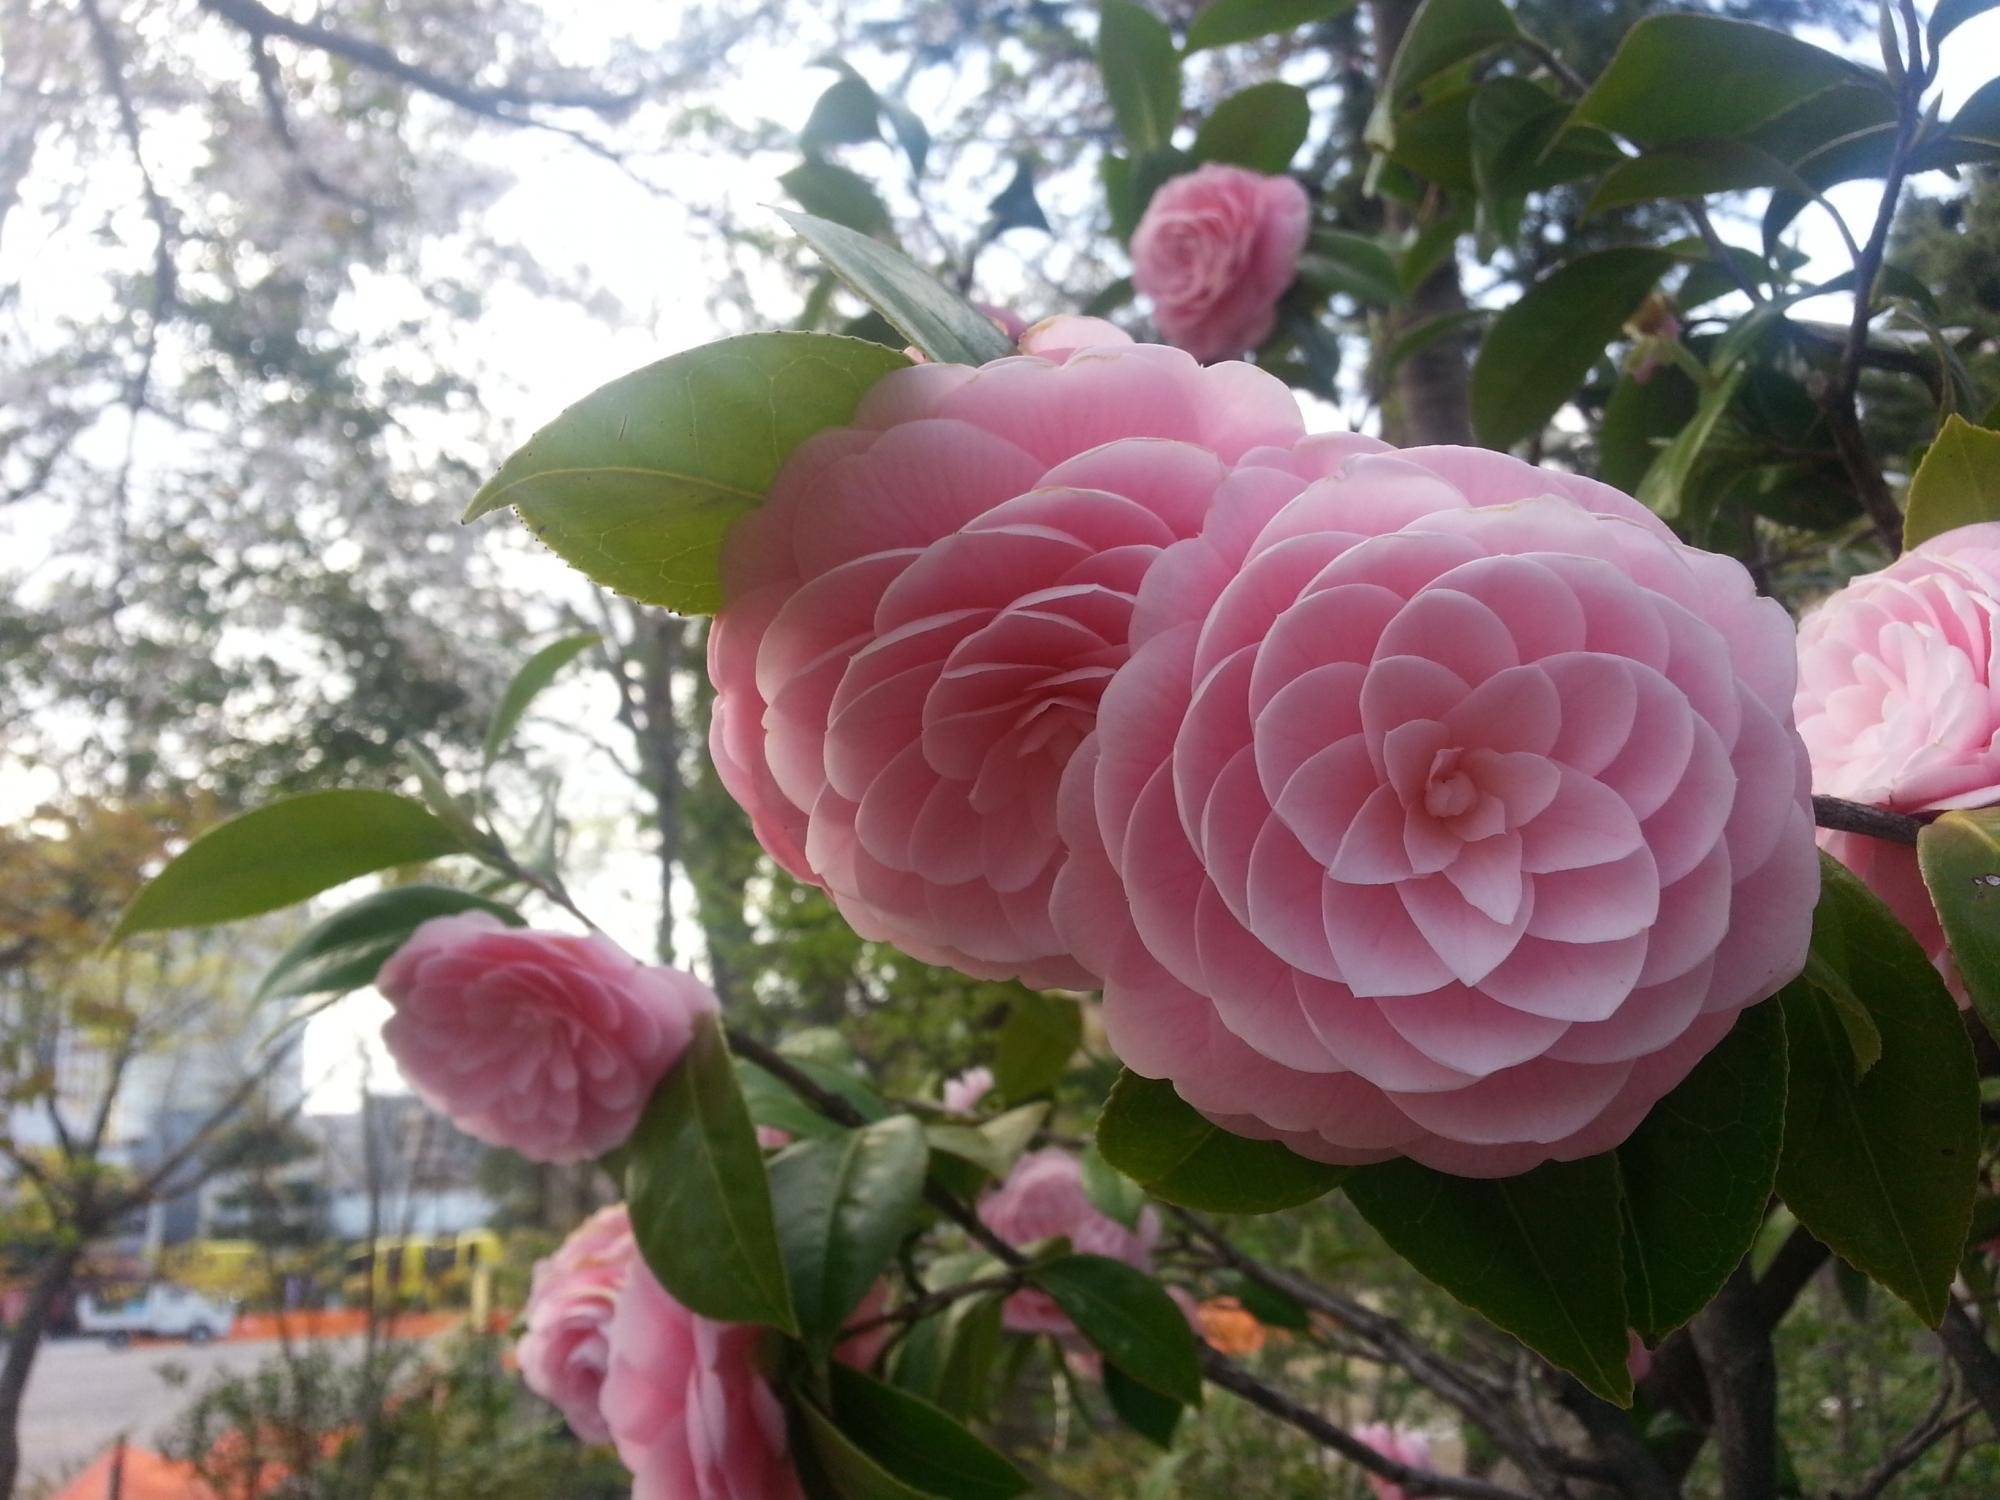 Картинки красивых цветов и редких